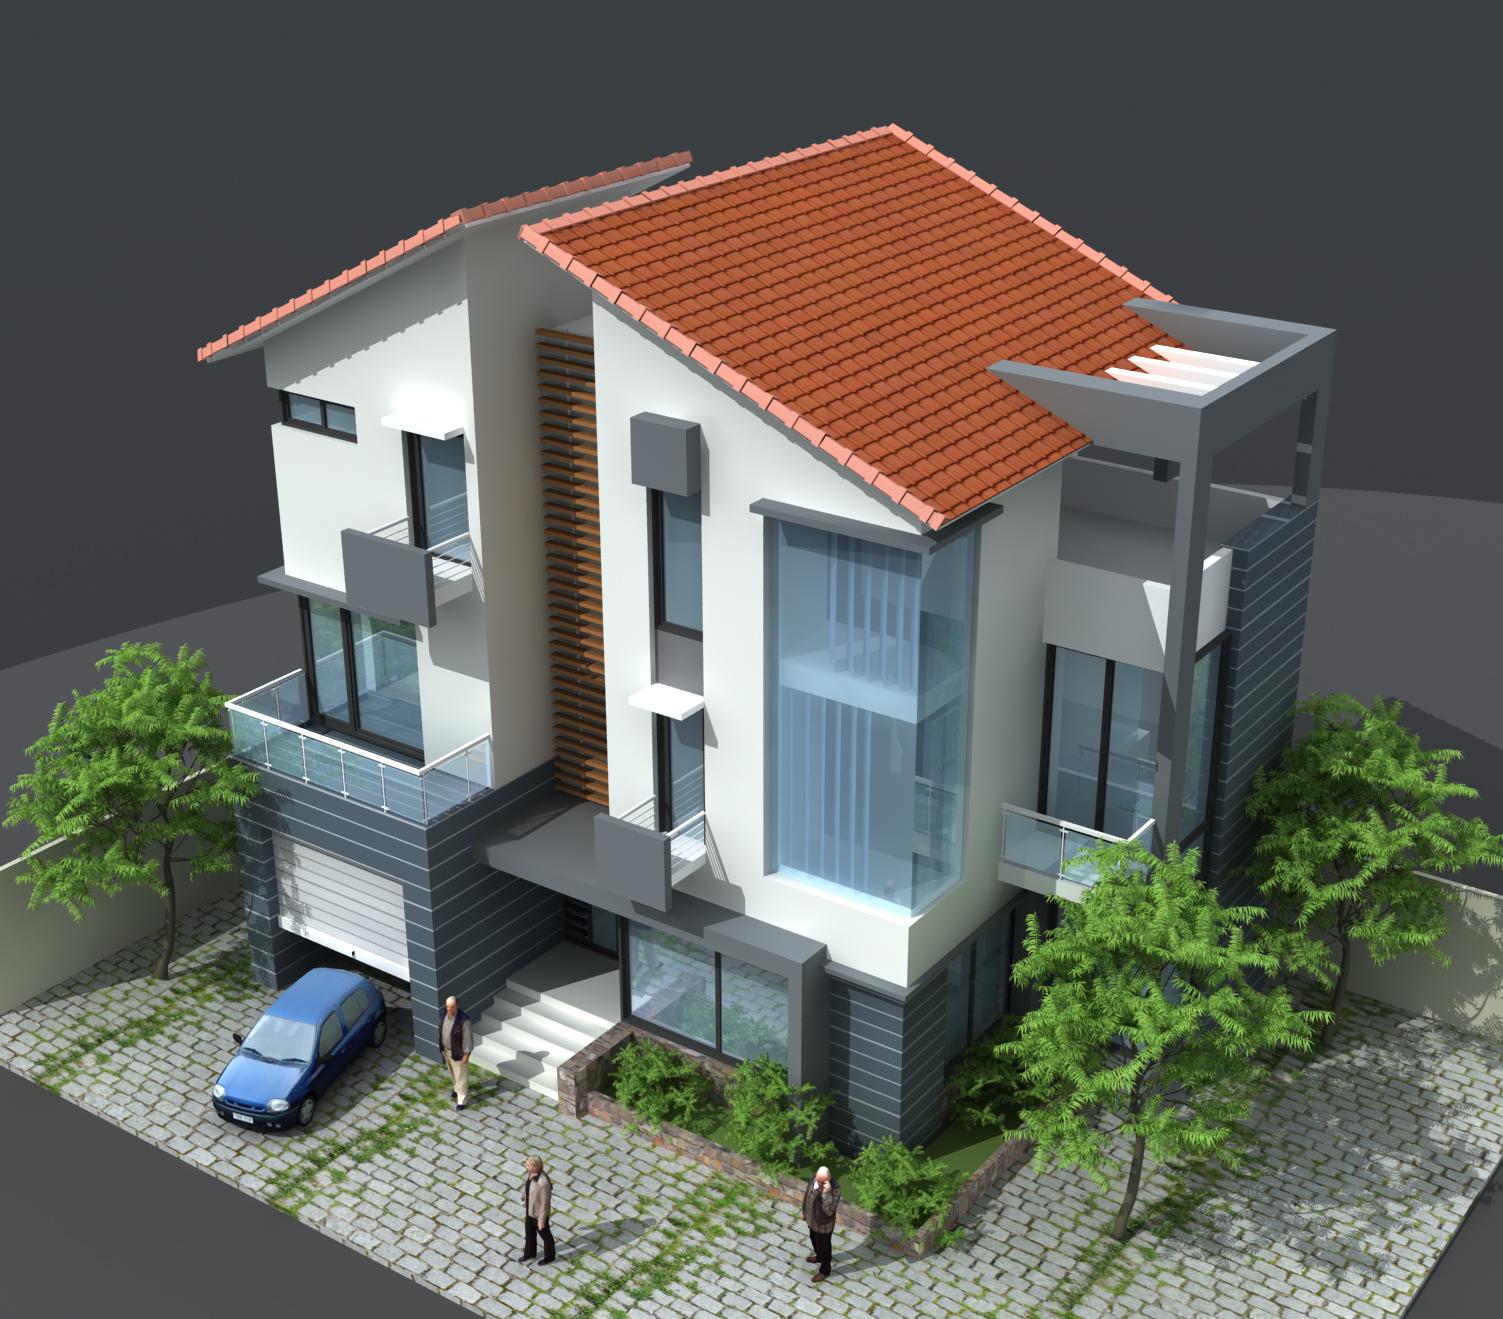 3 Thiết Kế Nhà tại Hải Phòng 45.000đ, Nhận Thiết kế nhà đẹp giá rẻ ở Hải Phòng